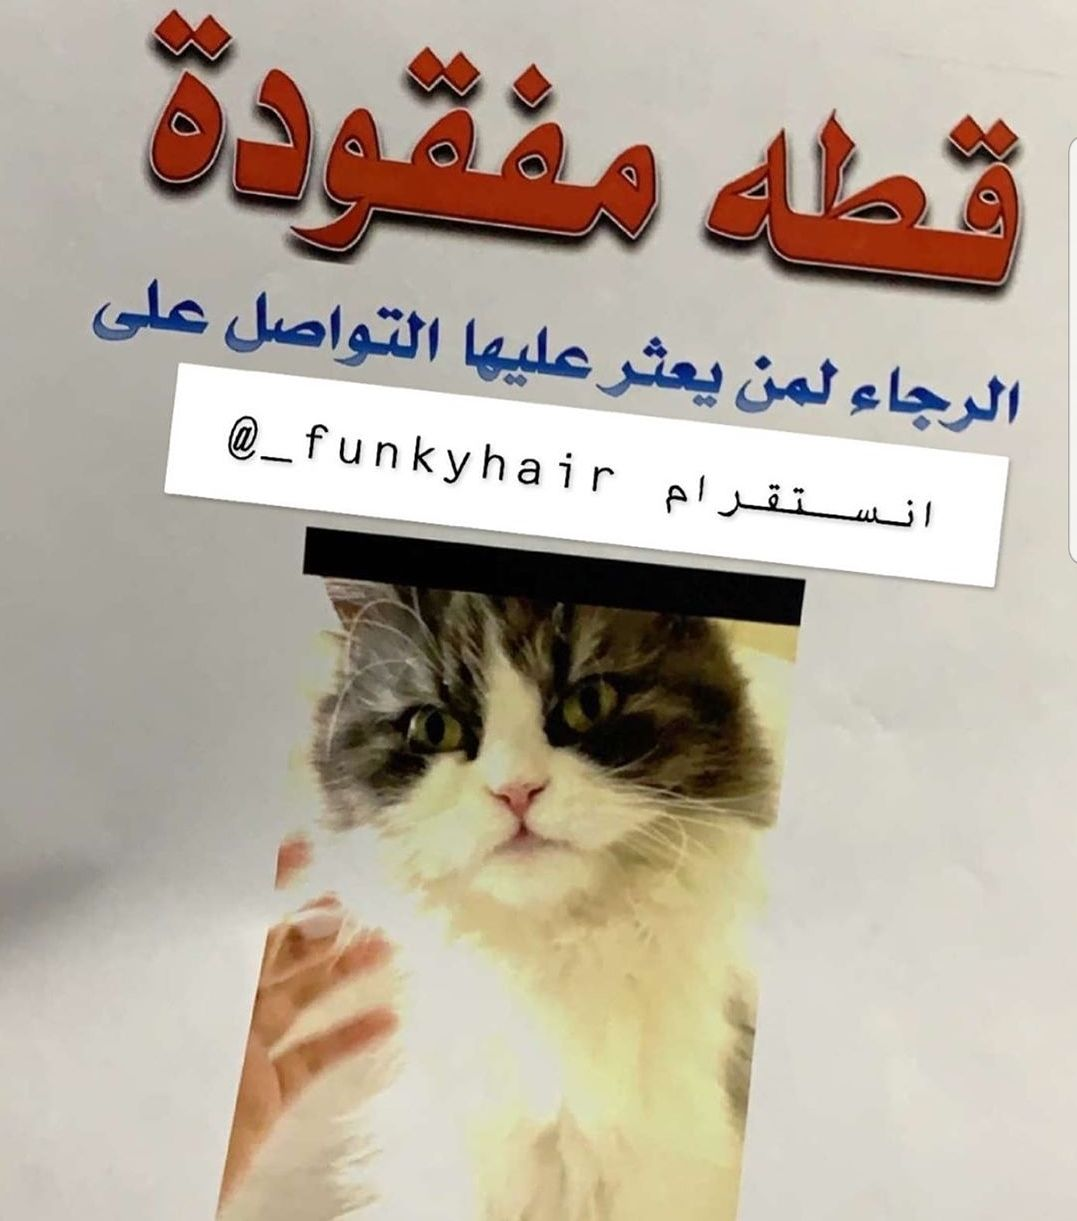 قطه مفقودة بالرياض حي الروضه من ايام التواصل Funkyhair قطط قطط الرياض بيكي فيس كيتين شيرازي هيمالايا هي Cats Cats Animals Pets